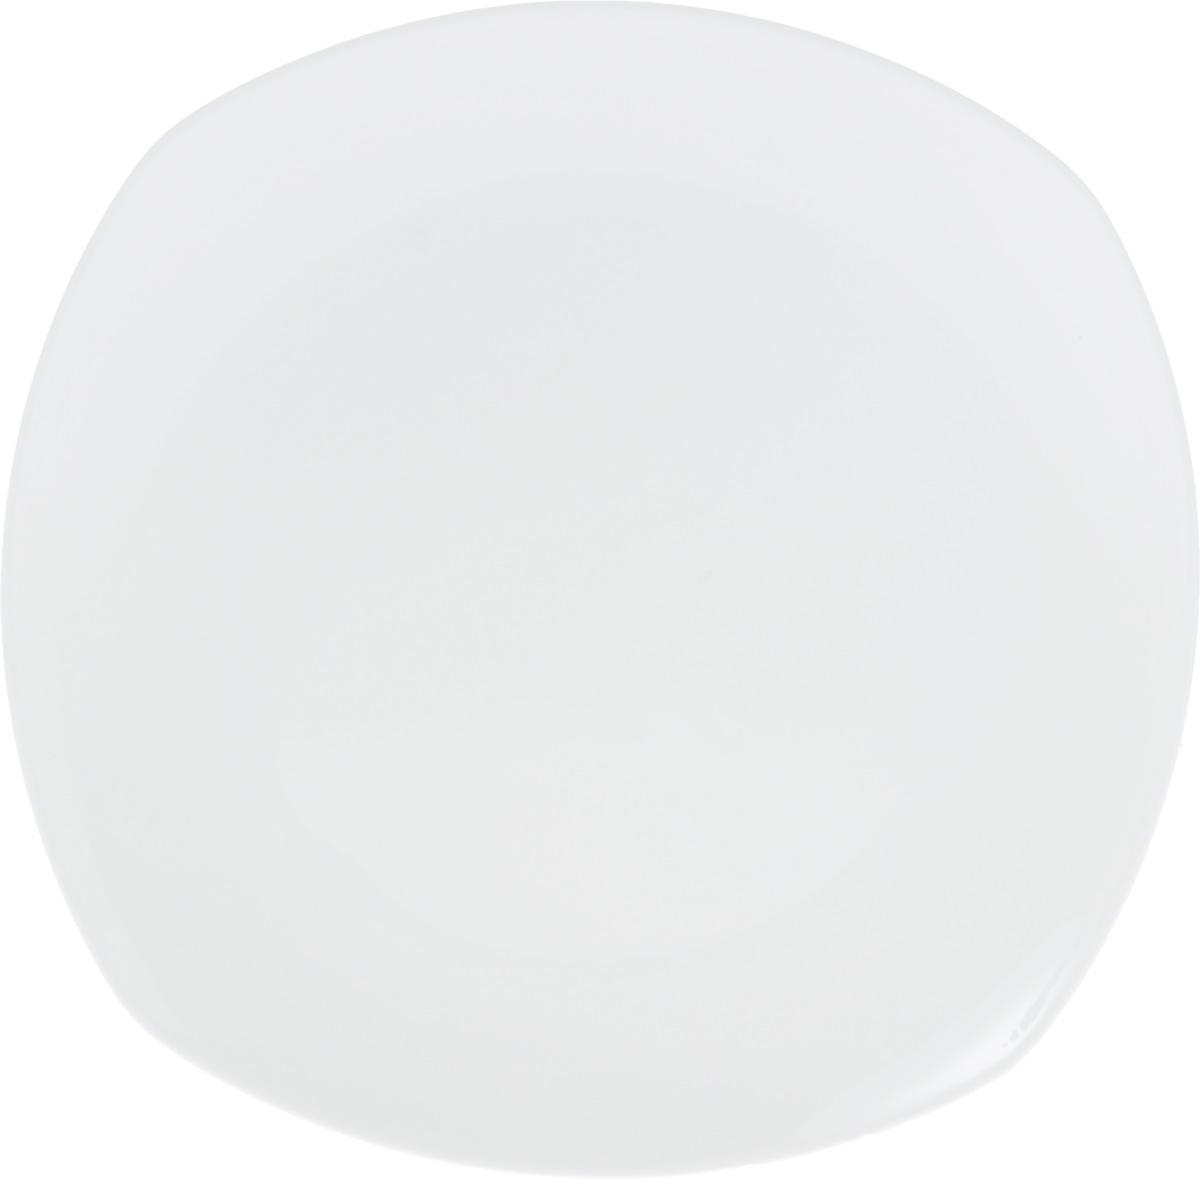 Блюдо Wilmax, 29,5 х 29,5 смWL-991003 / AОригинальное блюдо Wilmax, изготовленное из высококачественного фарфора, прекрасно подойдет для подачи нарезок, закусок и других блюд. Оно украсит ваш кухонный стол, а также станет замечательным подарком к любому празднику.Размер блюда (по верхнему краю): 29,5 х 29,5 см.